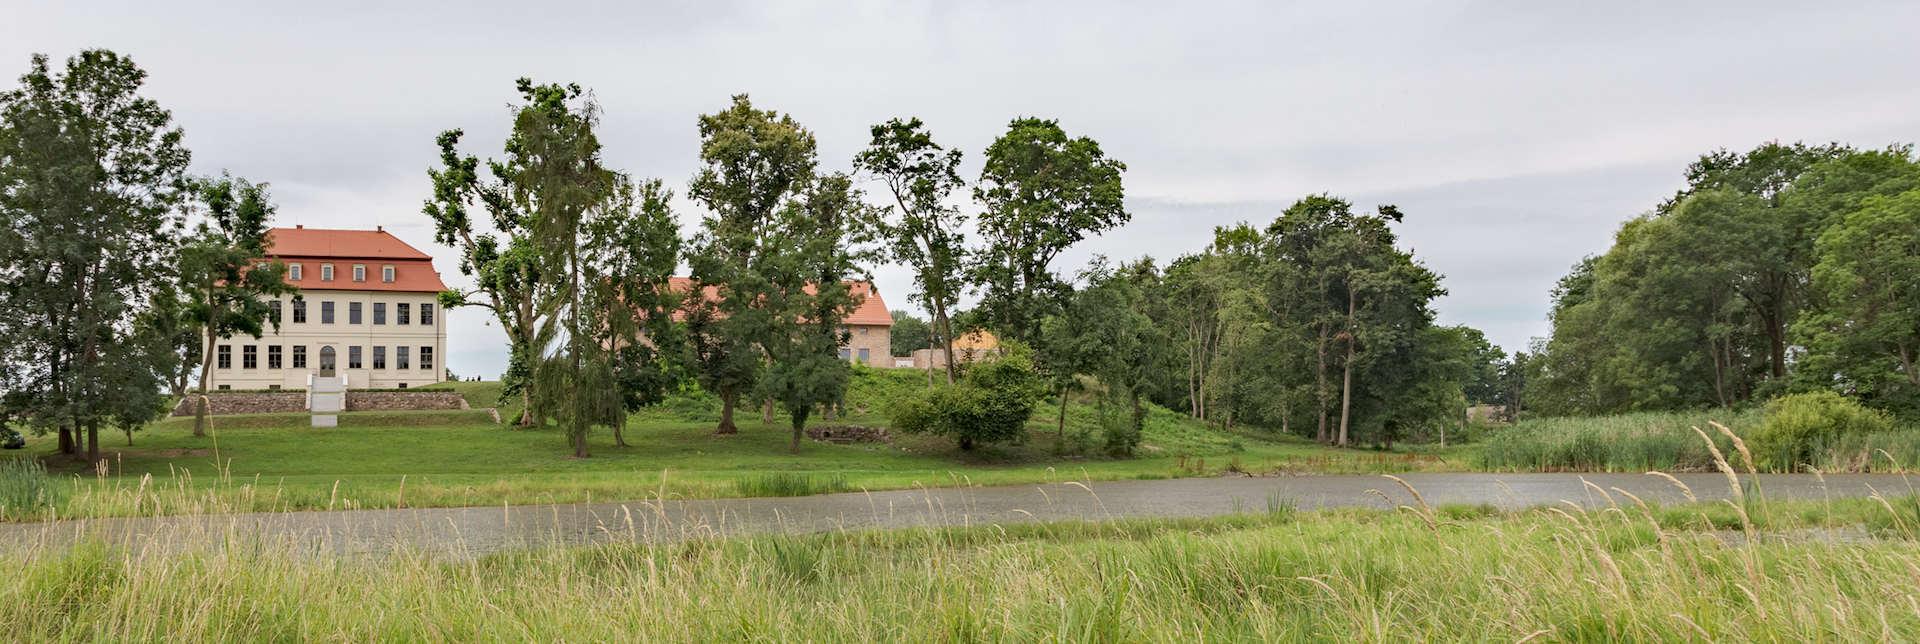 Gutshaus-fredenwalde-mit-park